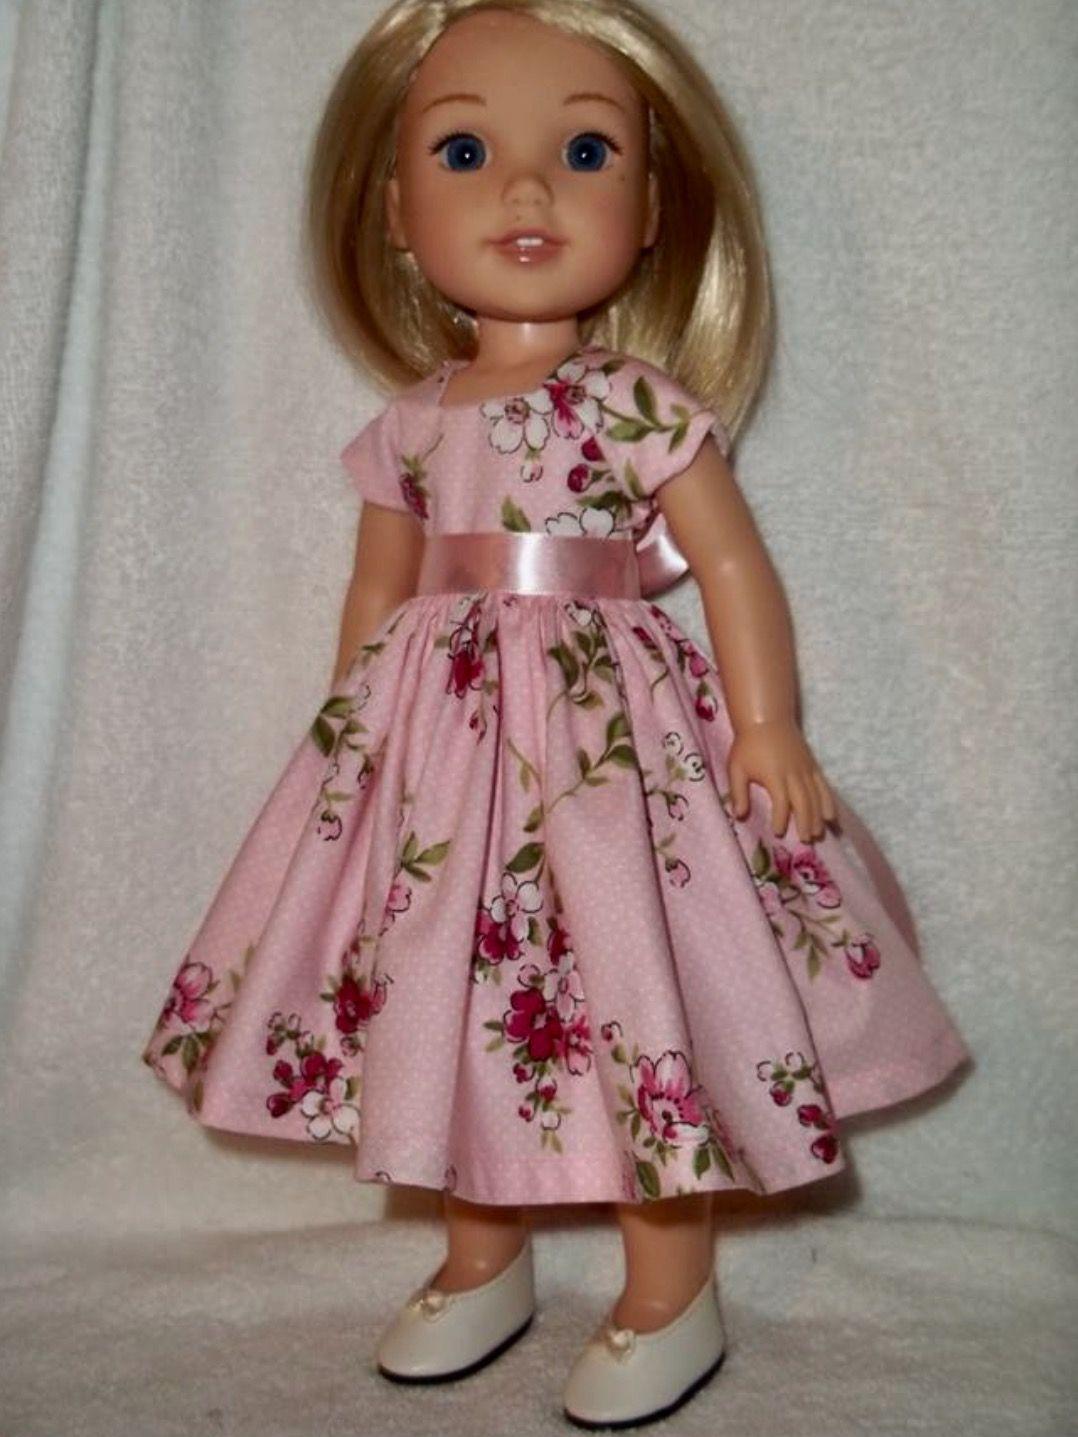 Pin von Denise auf doll brands | Pinterest | Welle und Puppen